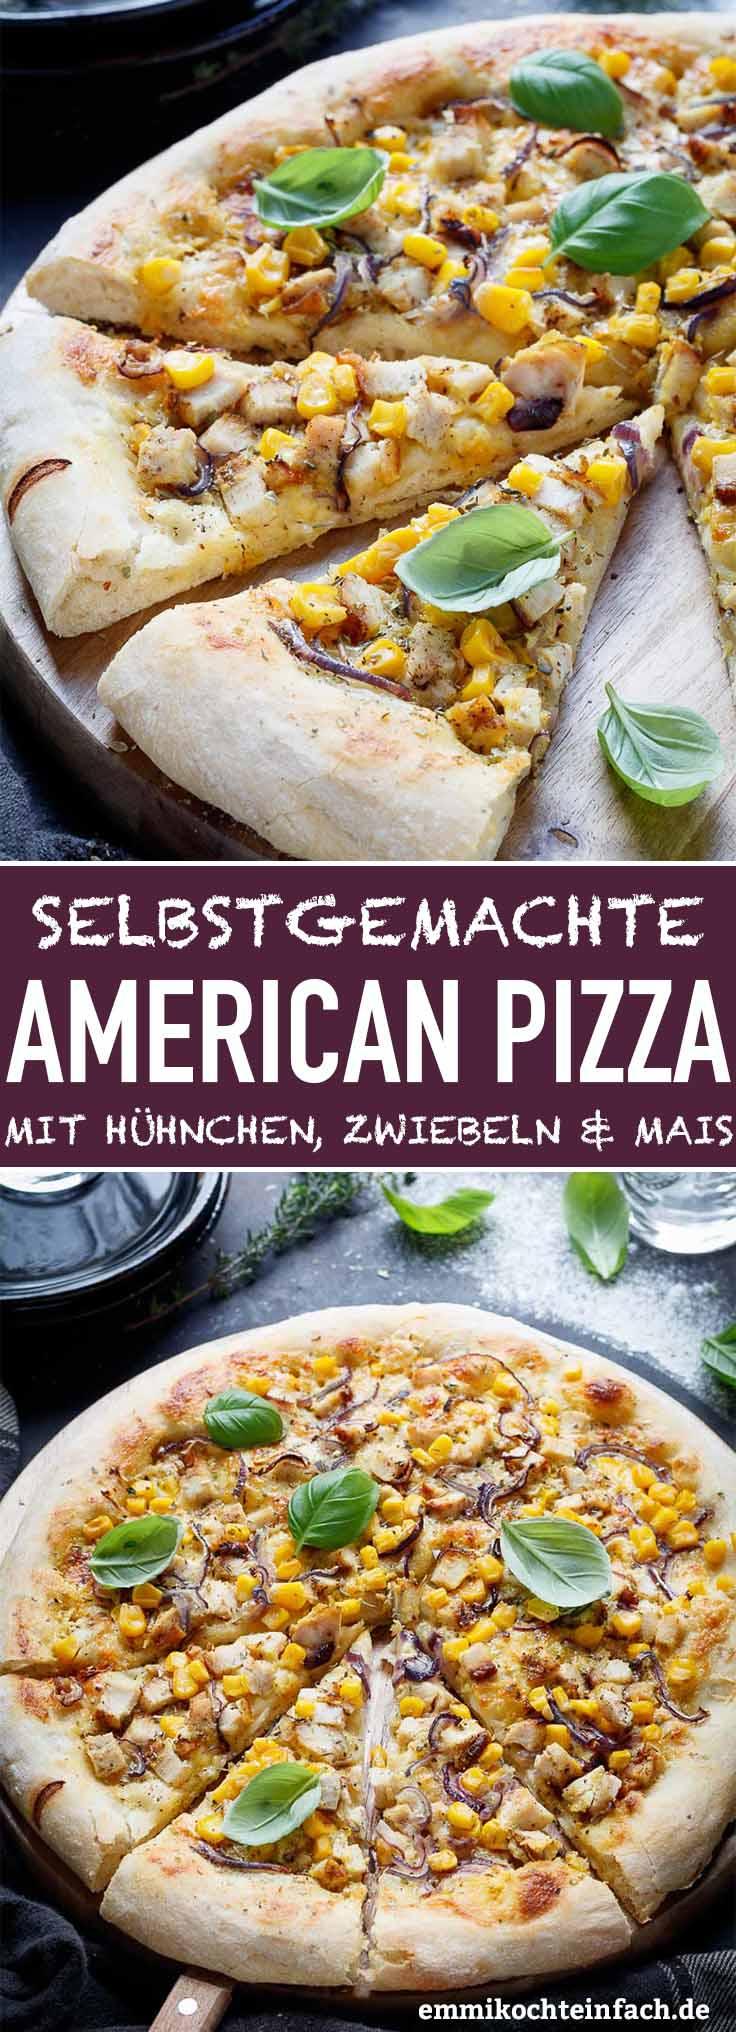 American Pizza mit Hühnchen, Zwiebeln und Mais - www.emmikochteinfach.de